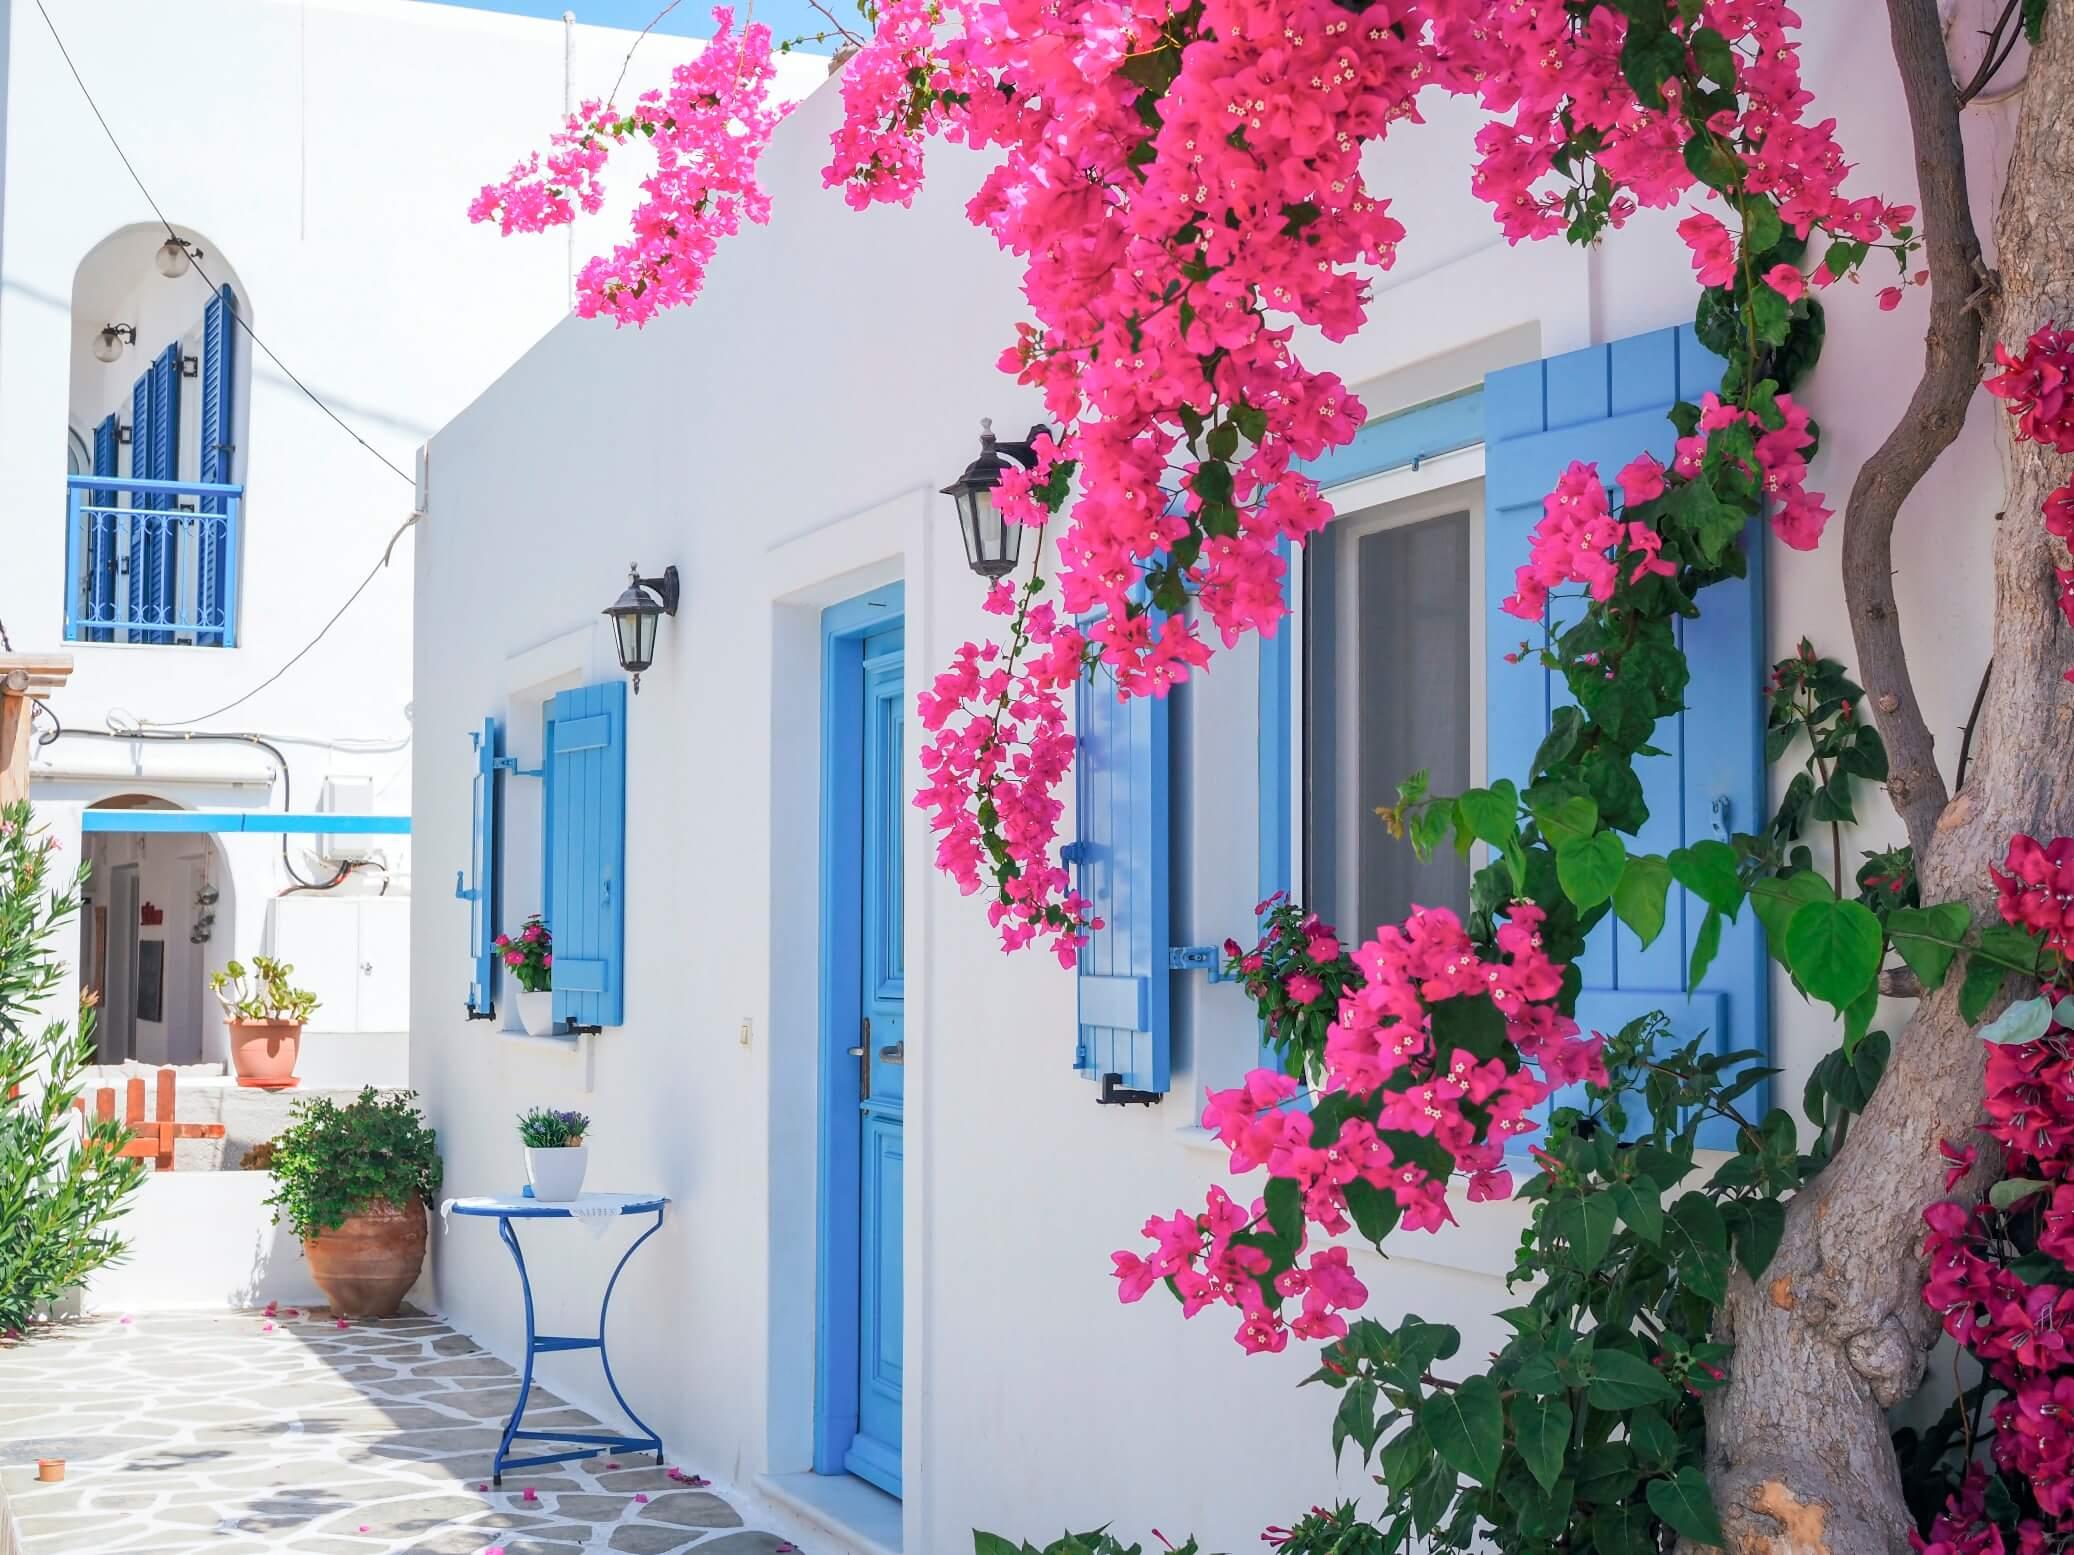 Beste reistijd voor een vakantie naar Griekenland